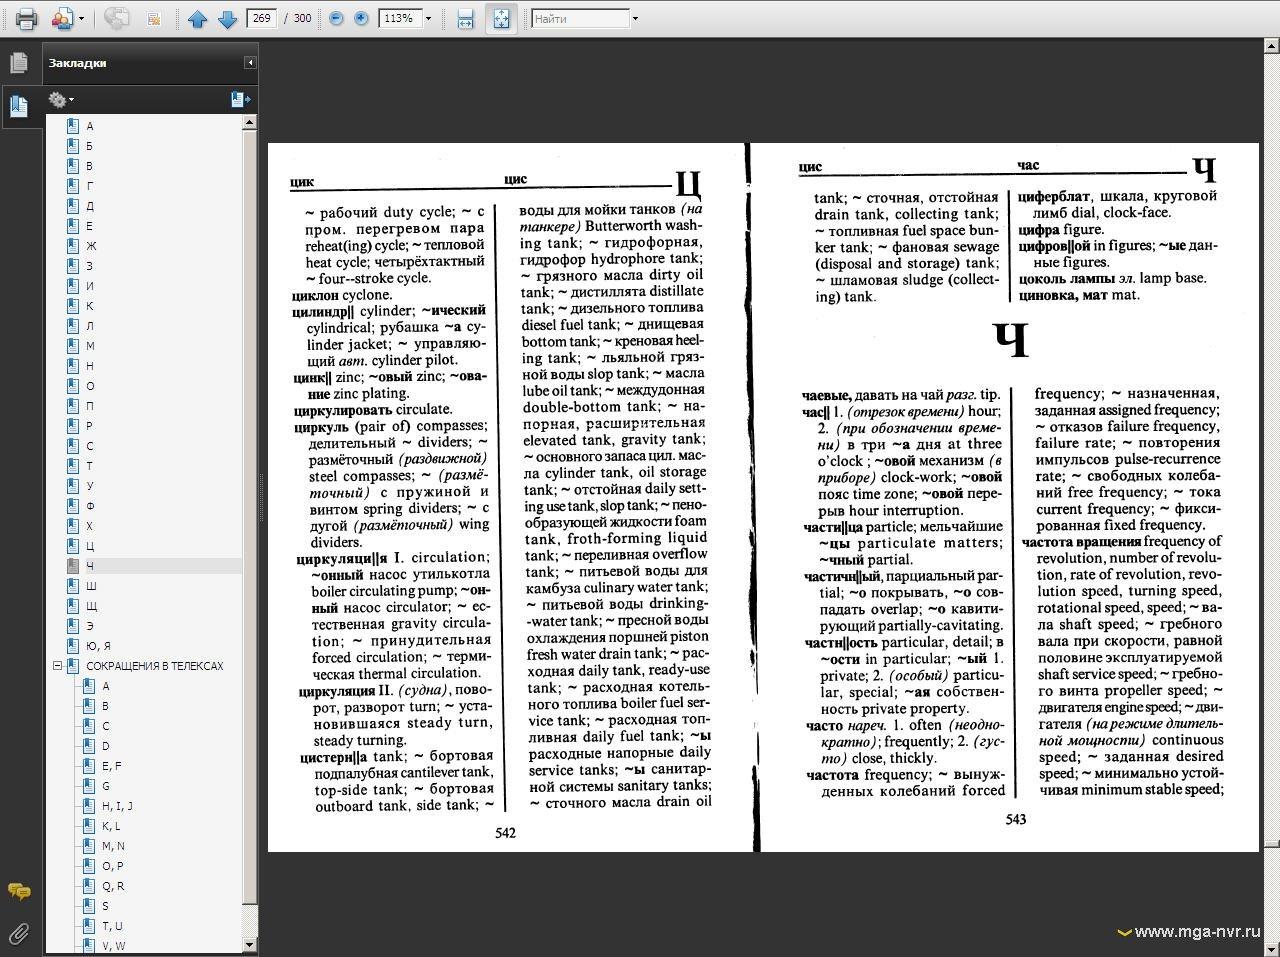 Терминологический Словарь Онлайн